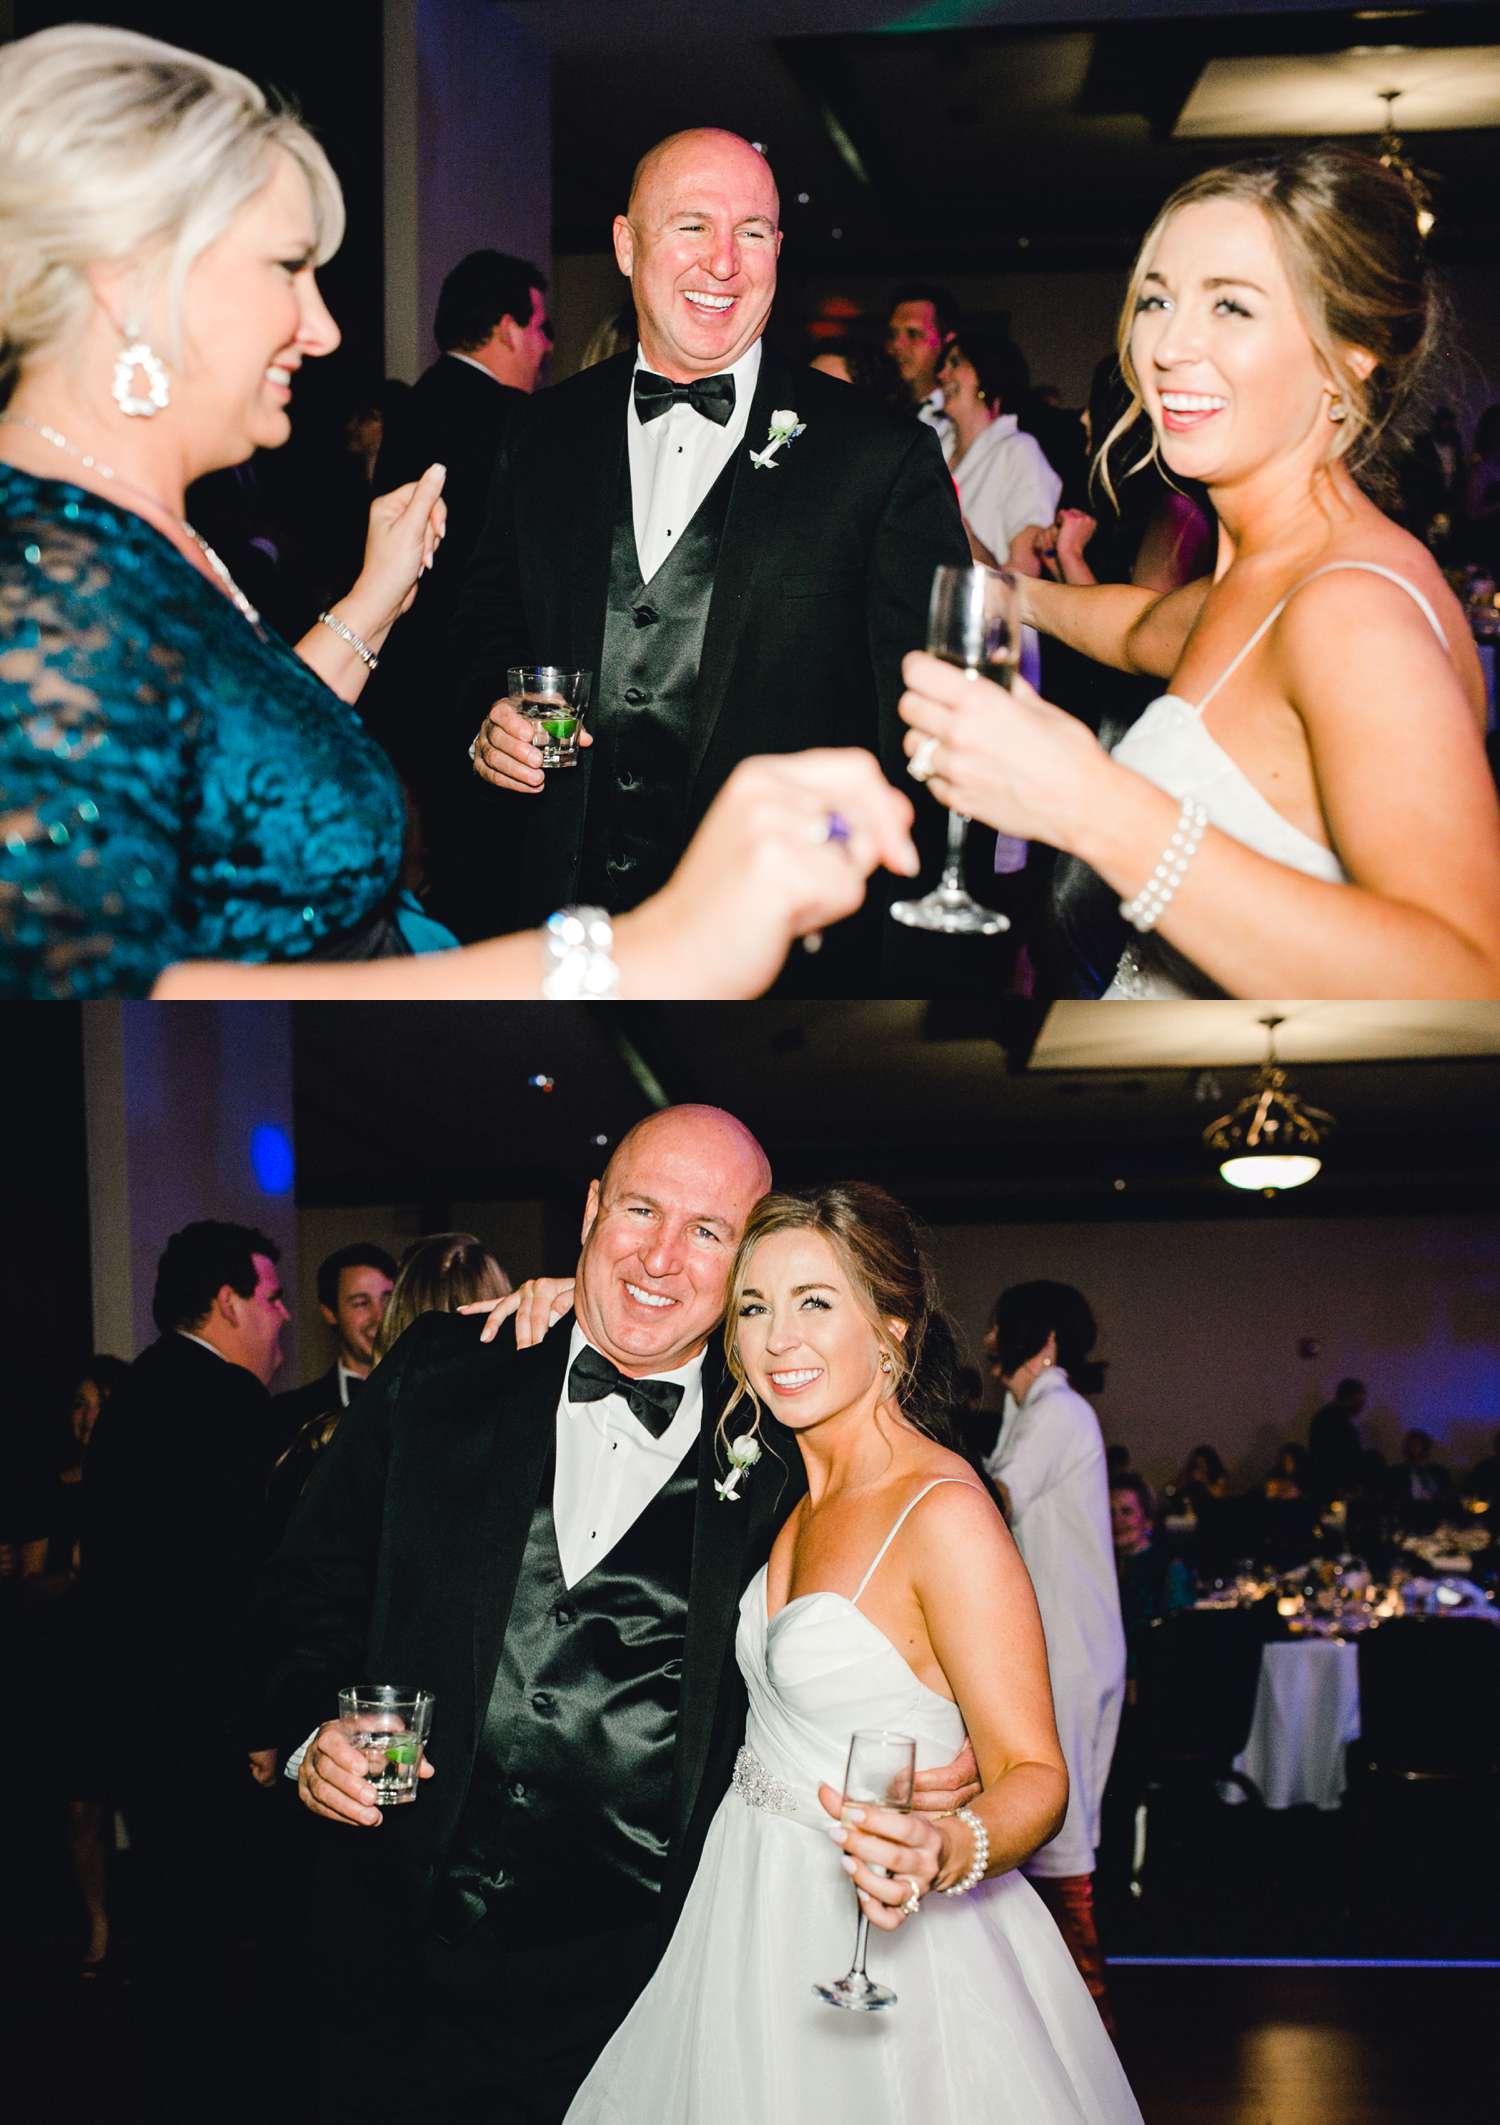 MARLEE+LLOYD+MORGAN+ALLEEJ+TEXAS+TECH+MERKET+ALUMNI+WEDDINGS+LUBBOCK+WEST+TABLE+CLASSIC+SPAIN_0255.jpg